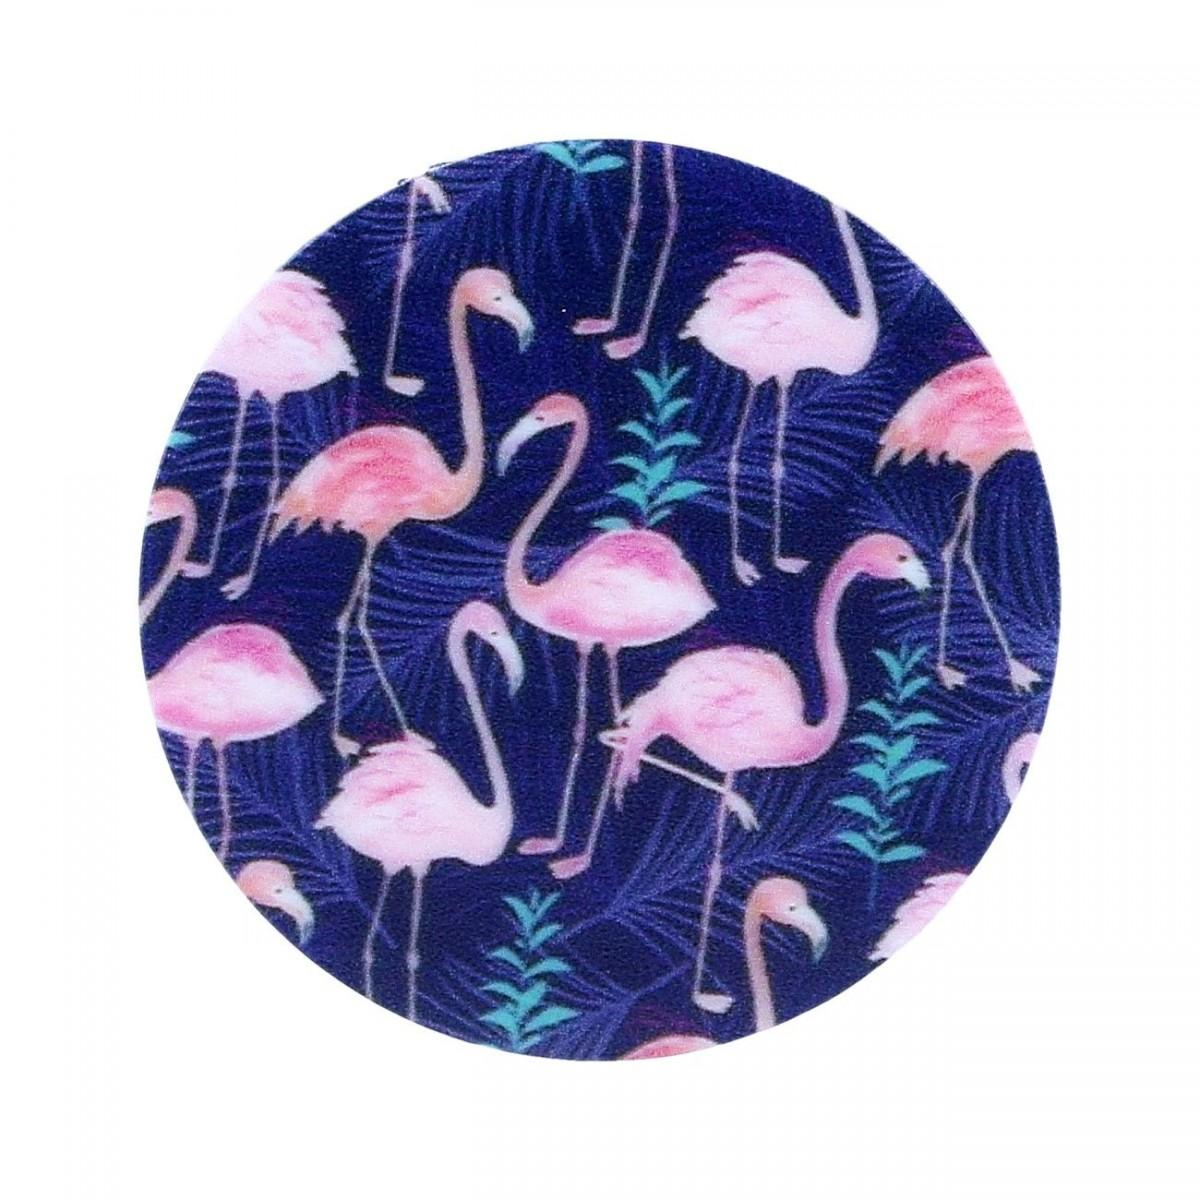 Držák na mobil TopQ PopSocket Flamingos 40039